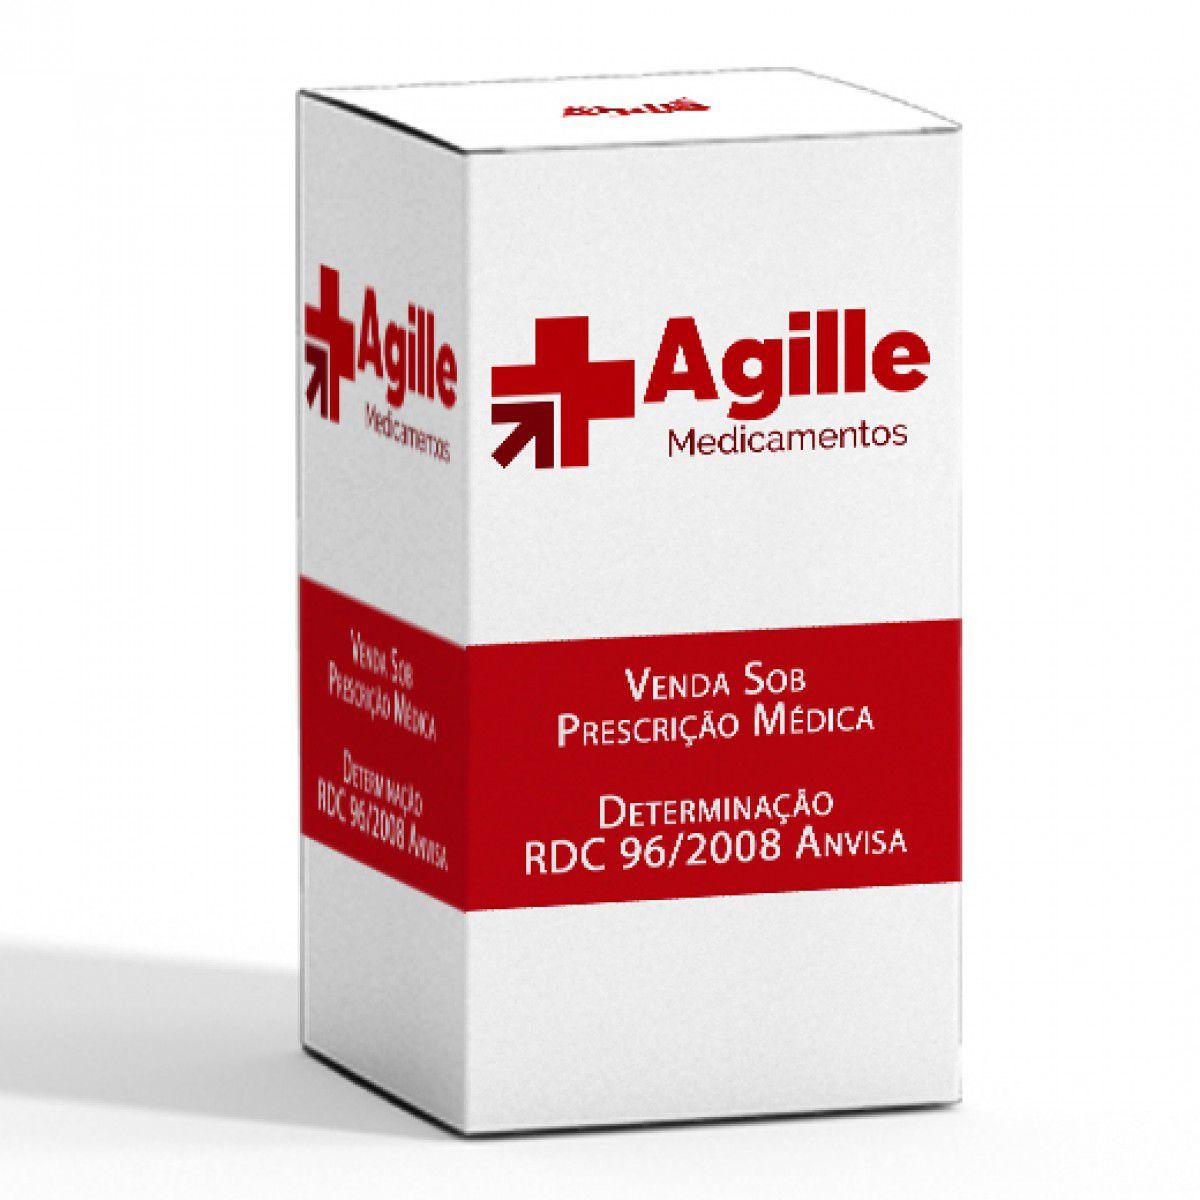 LECTRUM 7,5MG | ACETATO DE LEUPRORRELINA  - Agille Speciality